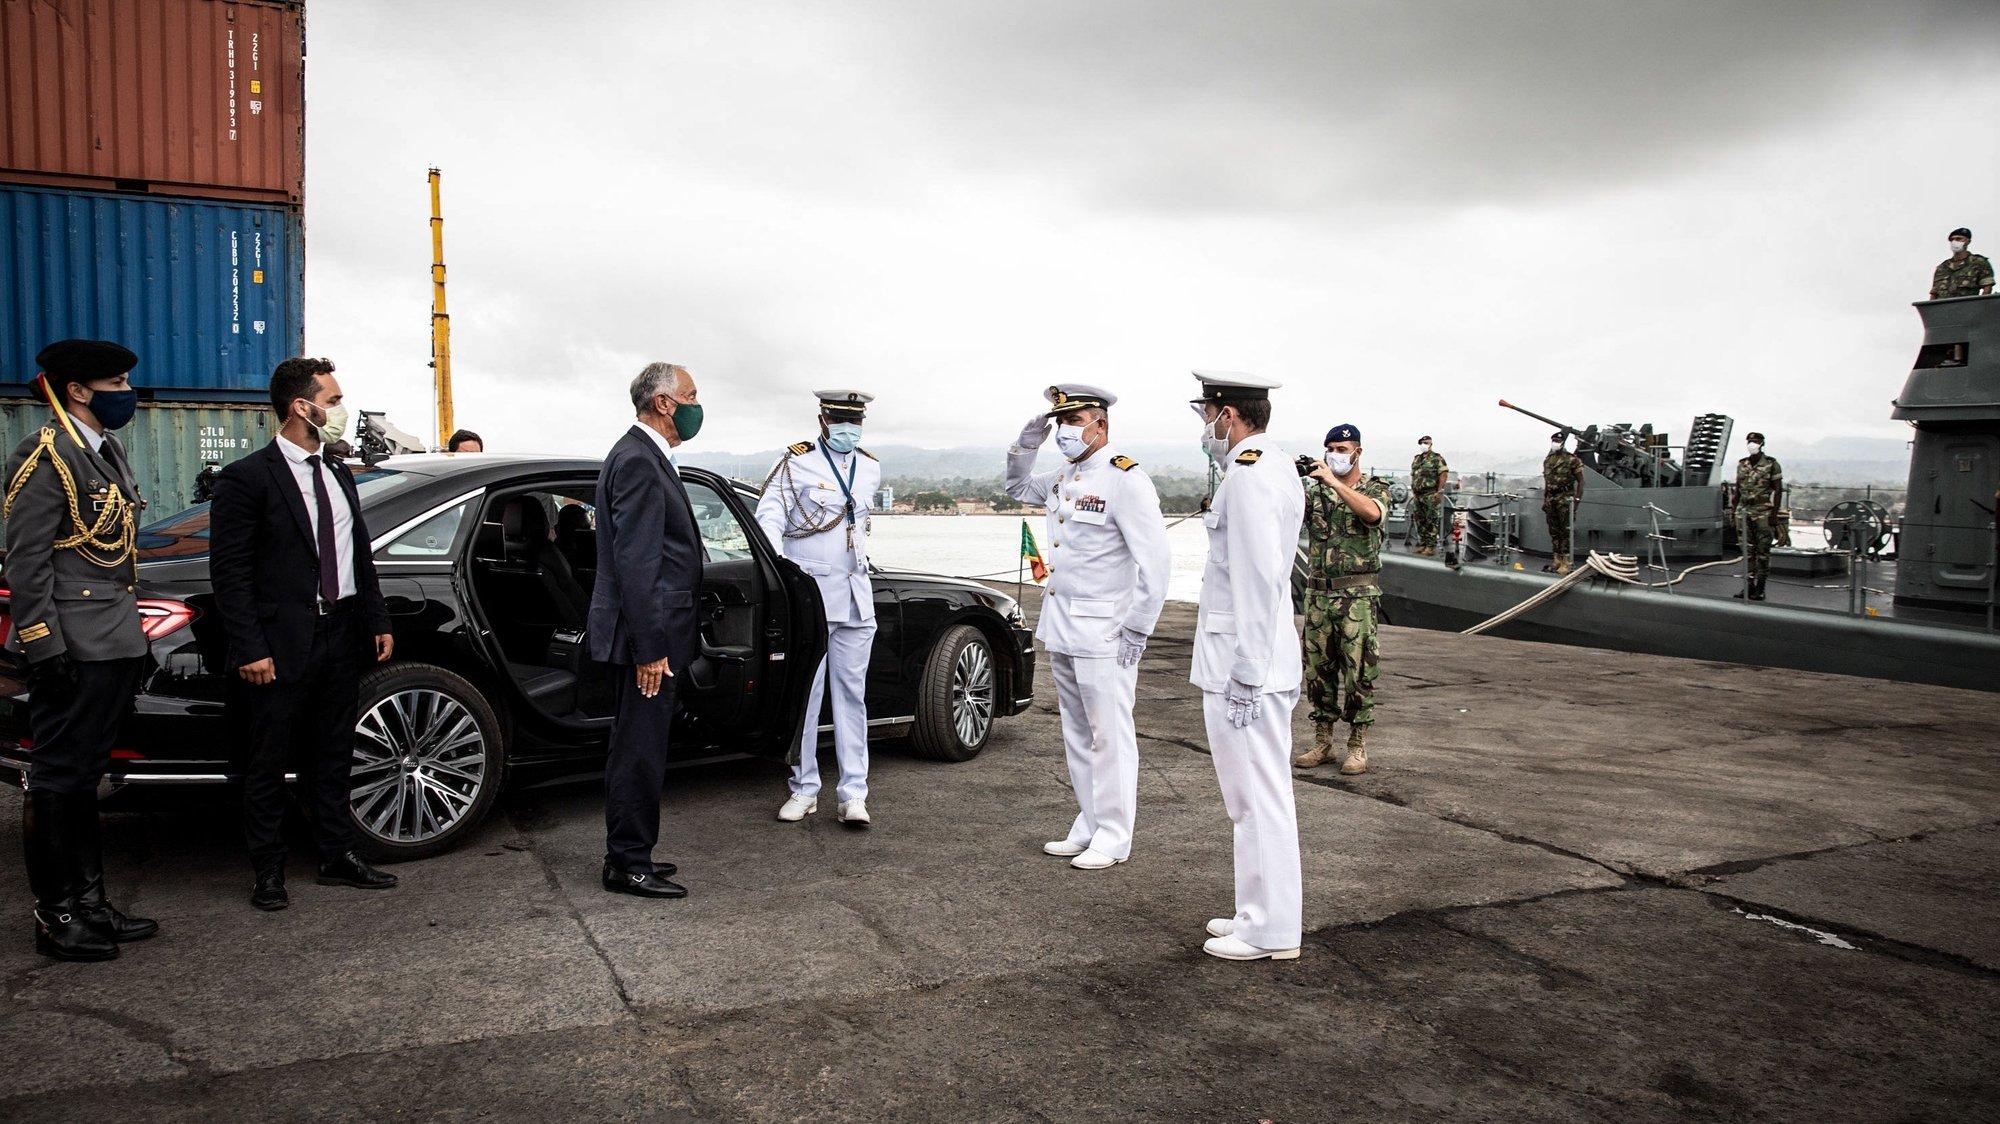 O Presidente da República, Marcelo da Rebelo de Sousa (3-E), durante a visita ao navio-patrulha Zaire, da Marinha Portuguesa, que desde janeiro de 2018 se encontra em missão em São Tomé e Príncipe, no âmbito de um acordo bilateral, São Tomé e Príncipe, 02 de outubro de 2021. O chefe de Estado português chegou na sexta-feira a São Tomé e Príncipe para a cerimónia de posse do novo Presidente são-tomense, Carlos Vila Nova. MIGUEL FIGUEIREDO LOPES/PRESIDÊNCIA DA REPÚBLICA/LUSA